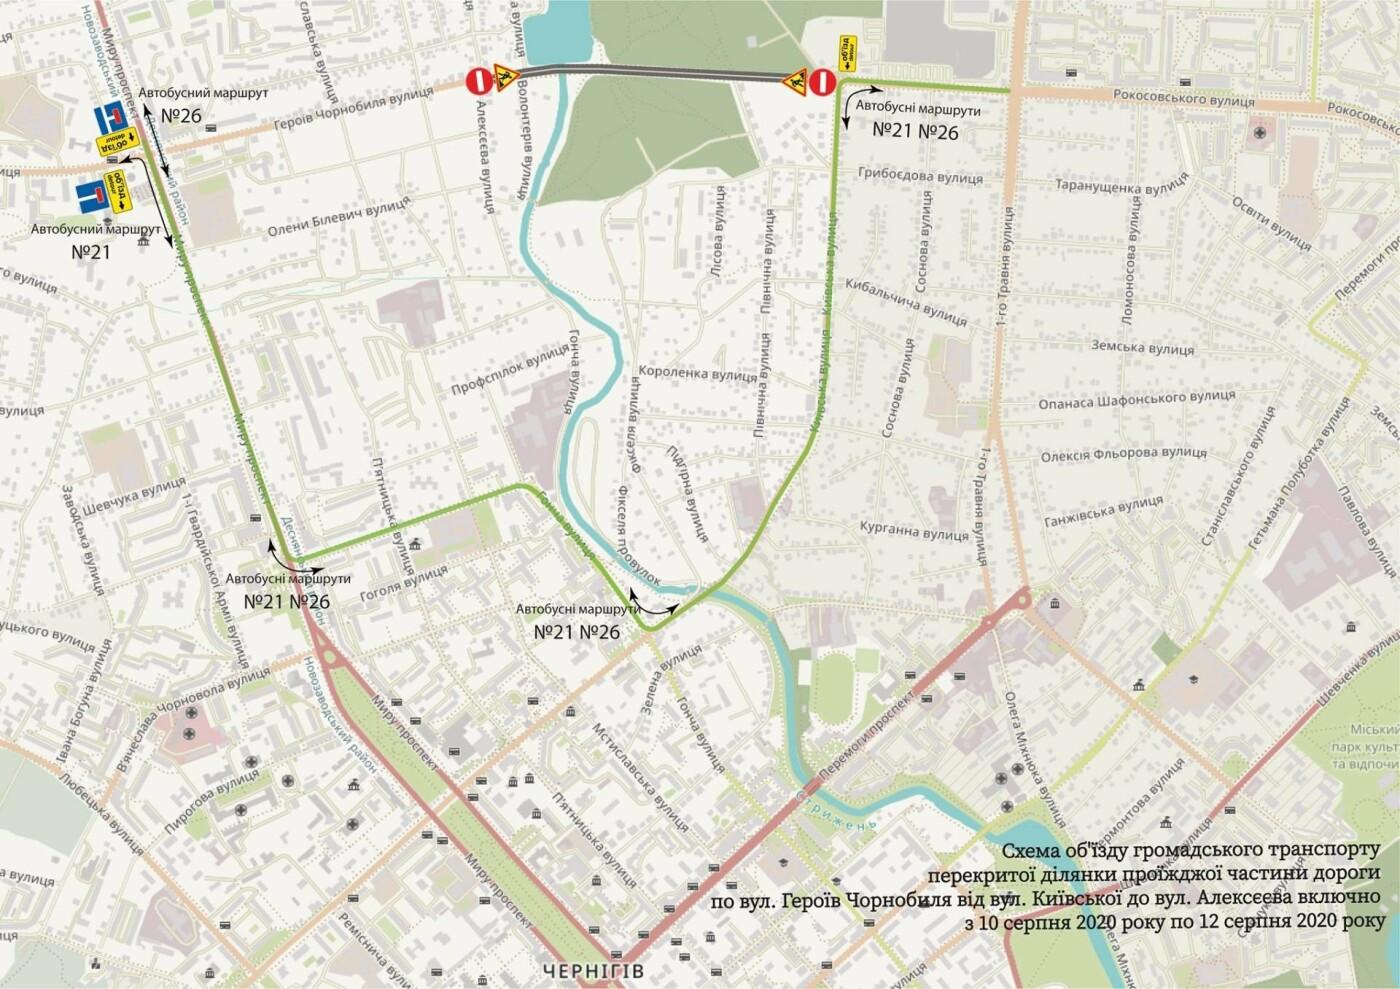 Тиждень перекриття вулиць у Чернігові: як змінив рух громадський транспорт (СХЕМА), фото-2